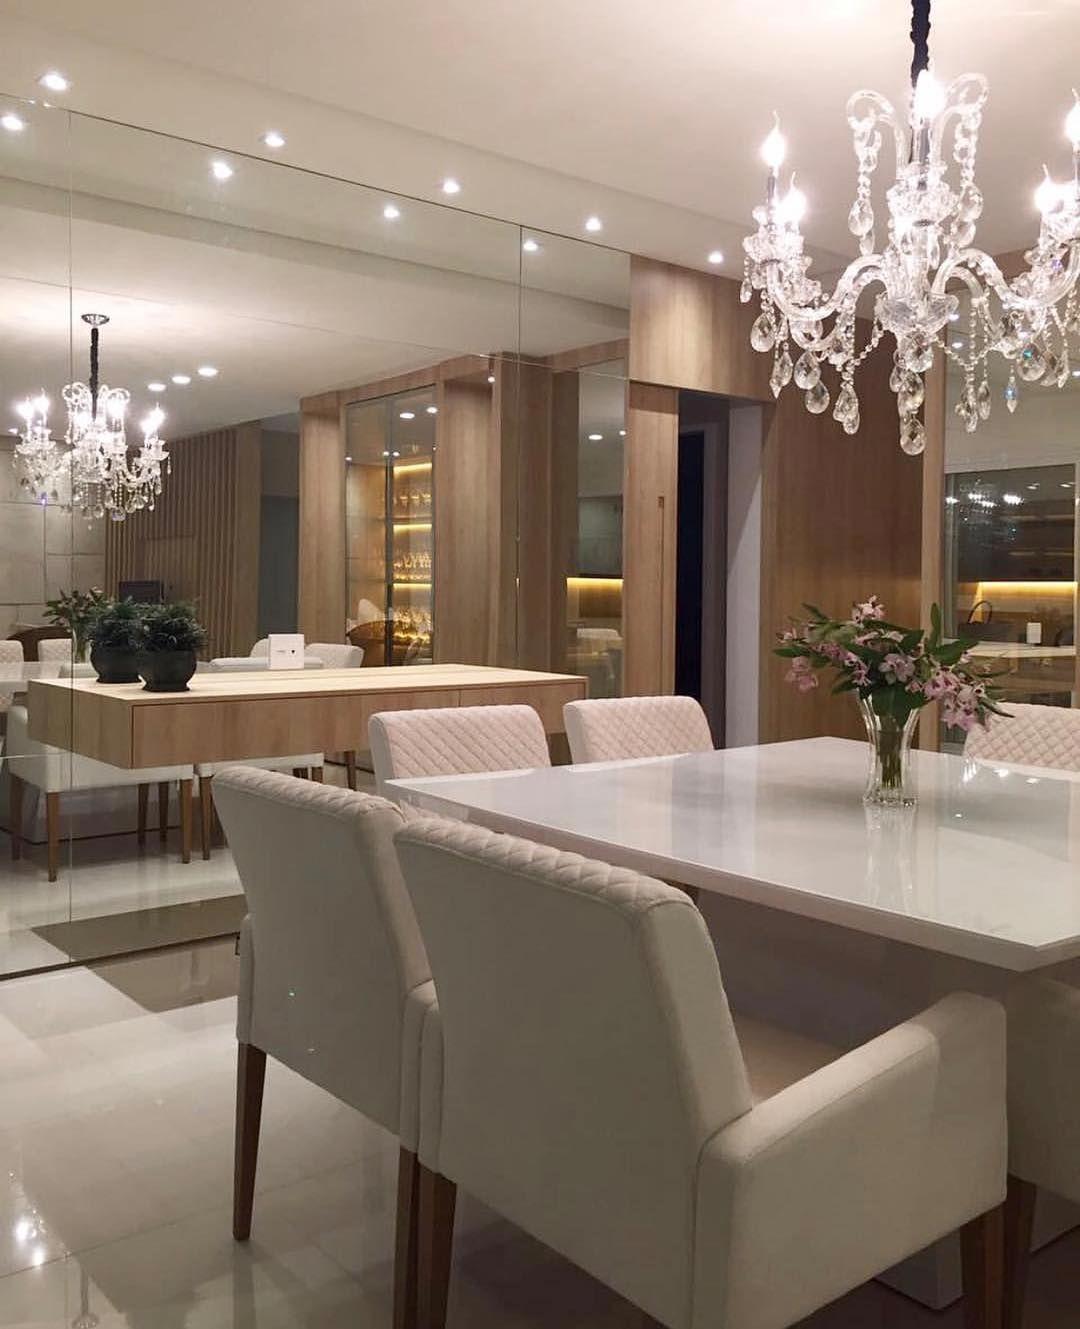 Sala De Jantar Bel Ssima Destaque Para A Alvenaria Revestida Em  -> Sala De Jantar Com Espelho E Aparador